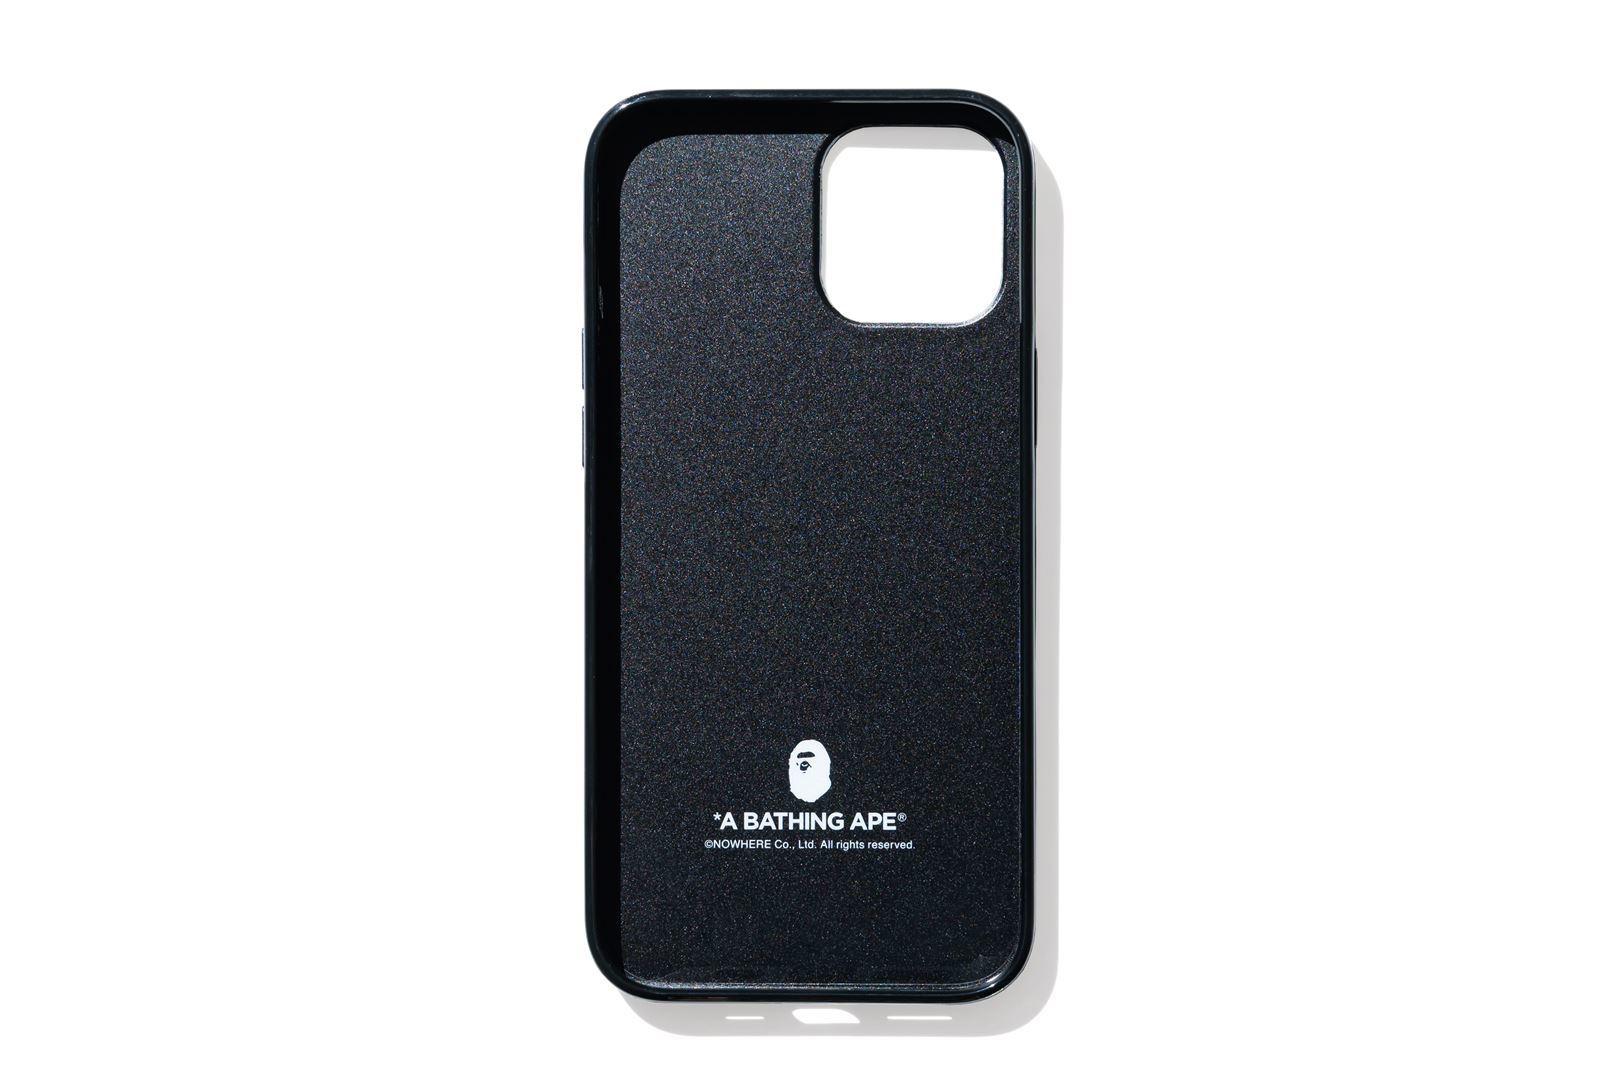 ABC CAMO iPhone 12 / 12 PRO / 12 PRO MAX / 12 MINI CASE_a0174495_12020955.jpg